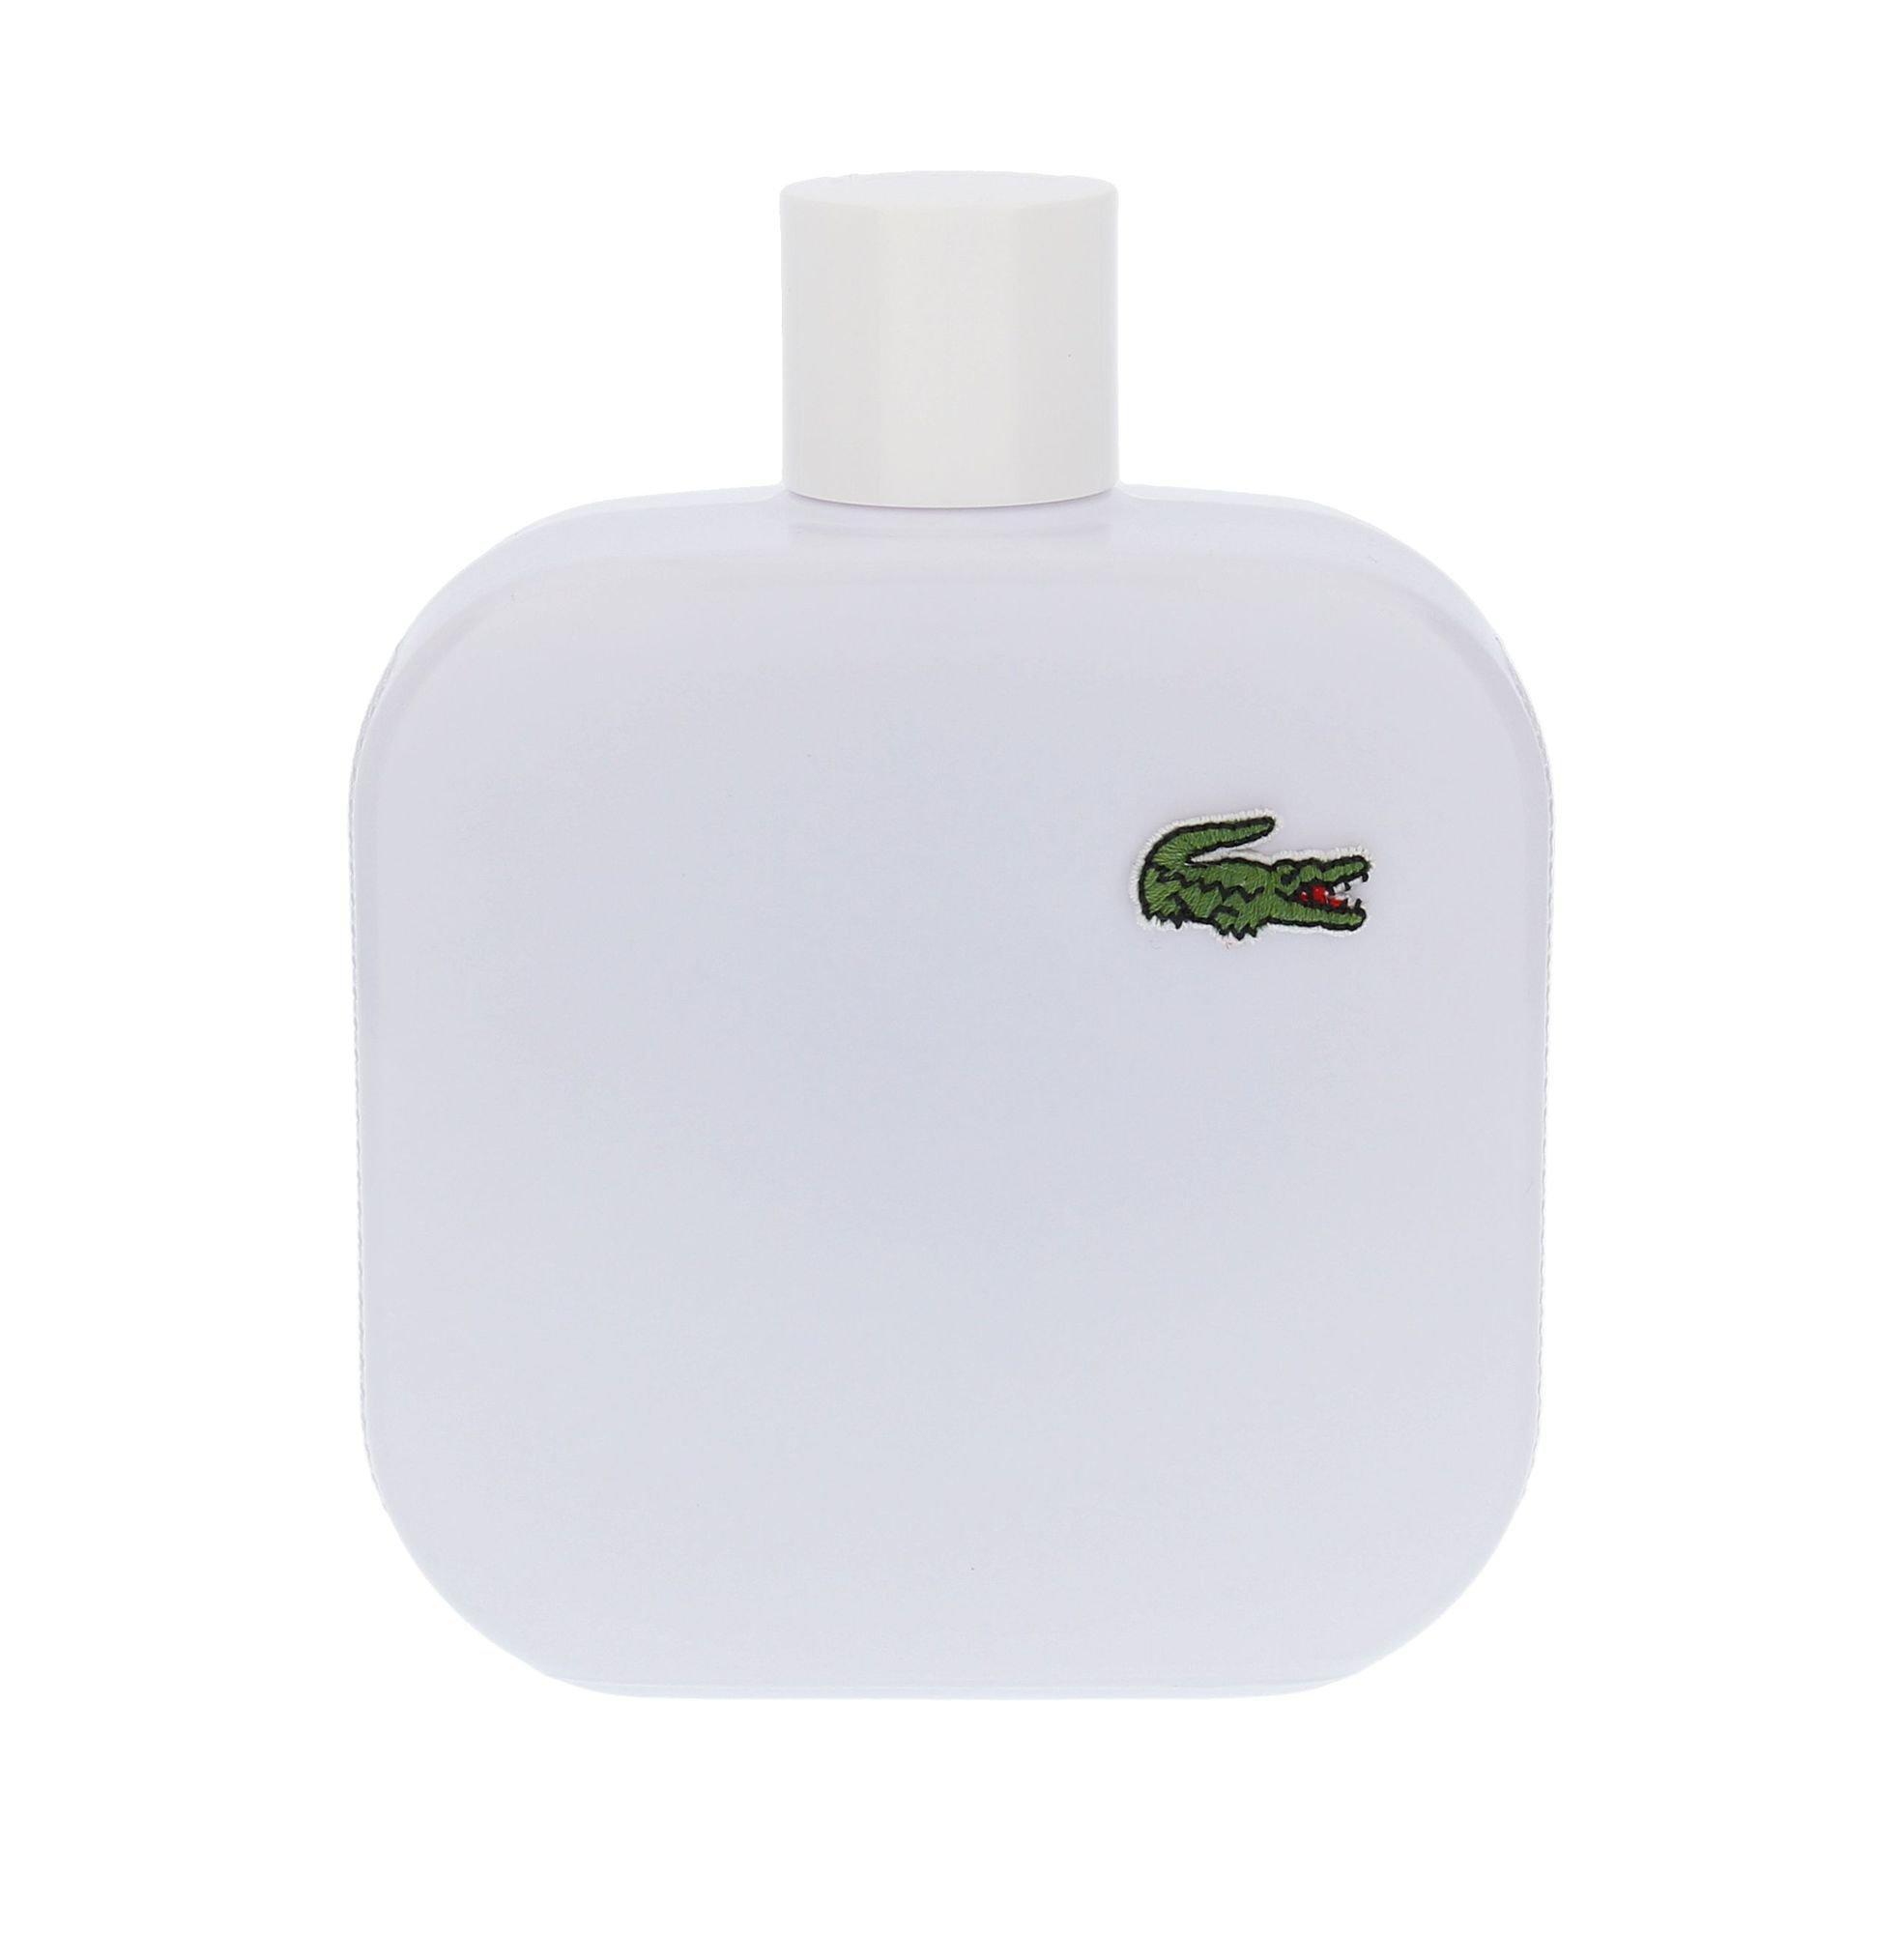 Lacoste Eau De Lacoste L.12.12 Blanc, Toaletní voda 175ml